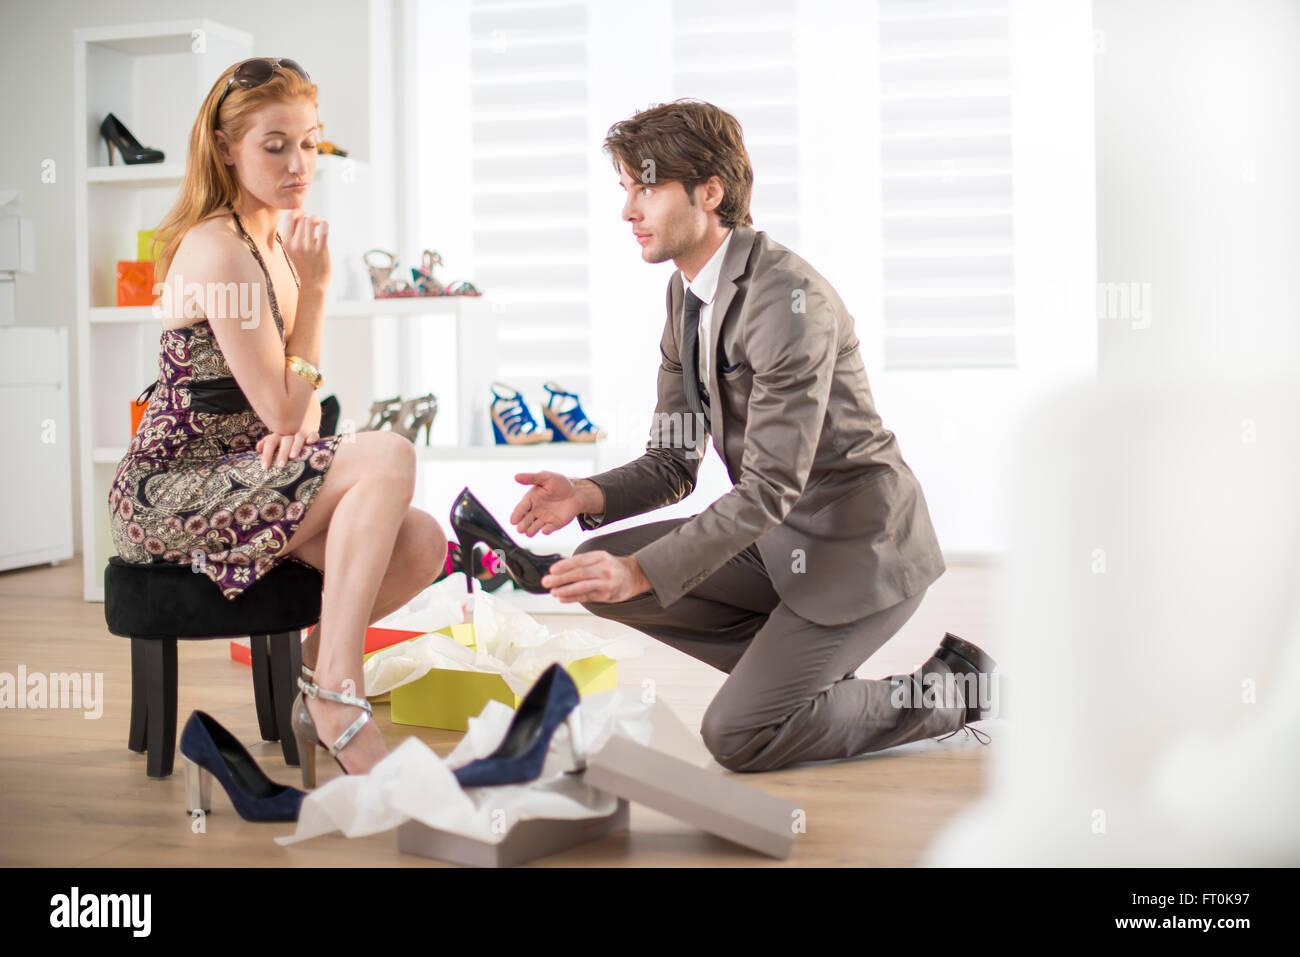 93ce0b77dea79f Le vendeur propose d'essayer des chaussures d'une cliente Banque D ...